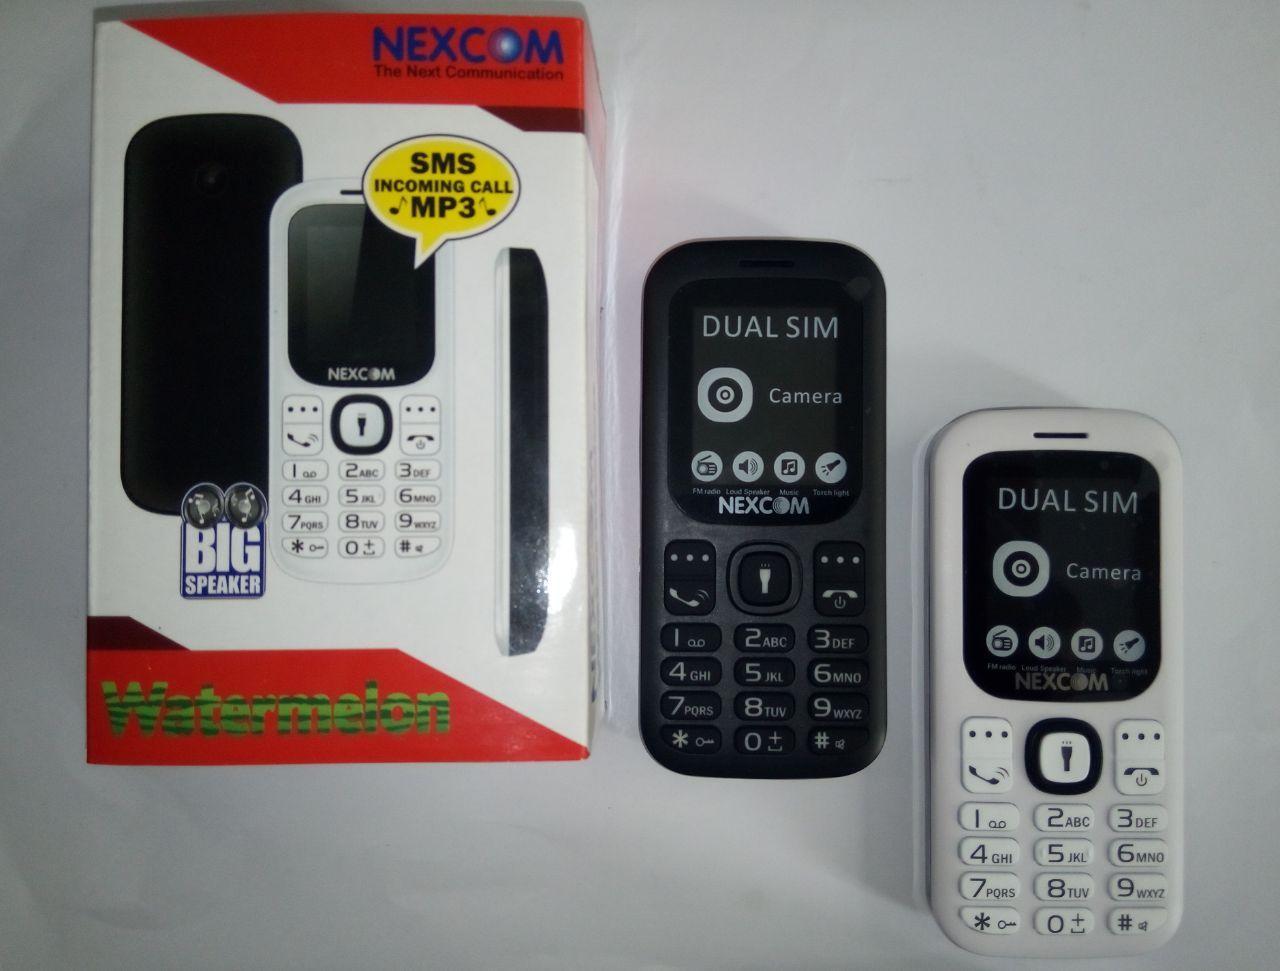 Kelebihan Kekurangan Hp Murah Nexcom Jambu Smart Nokia 1280 Mars Watermelon